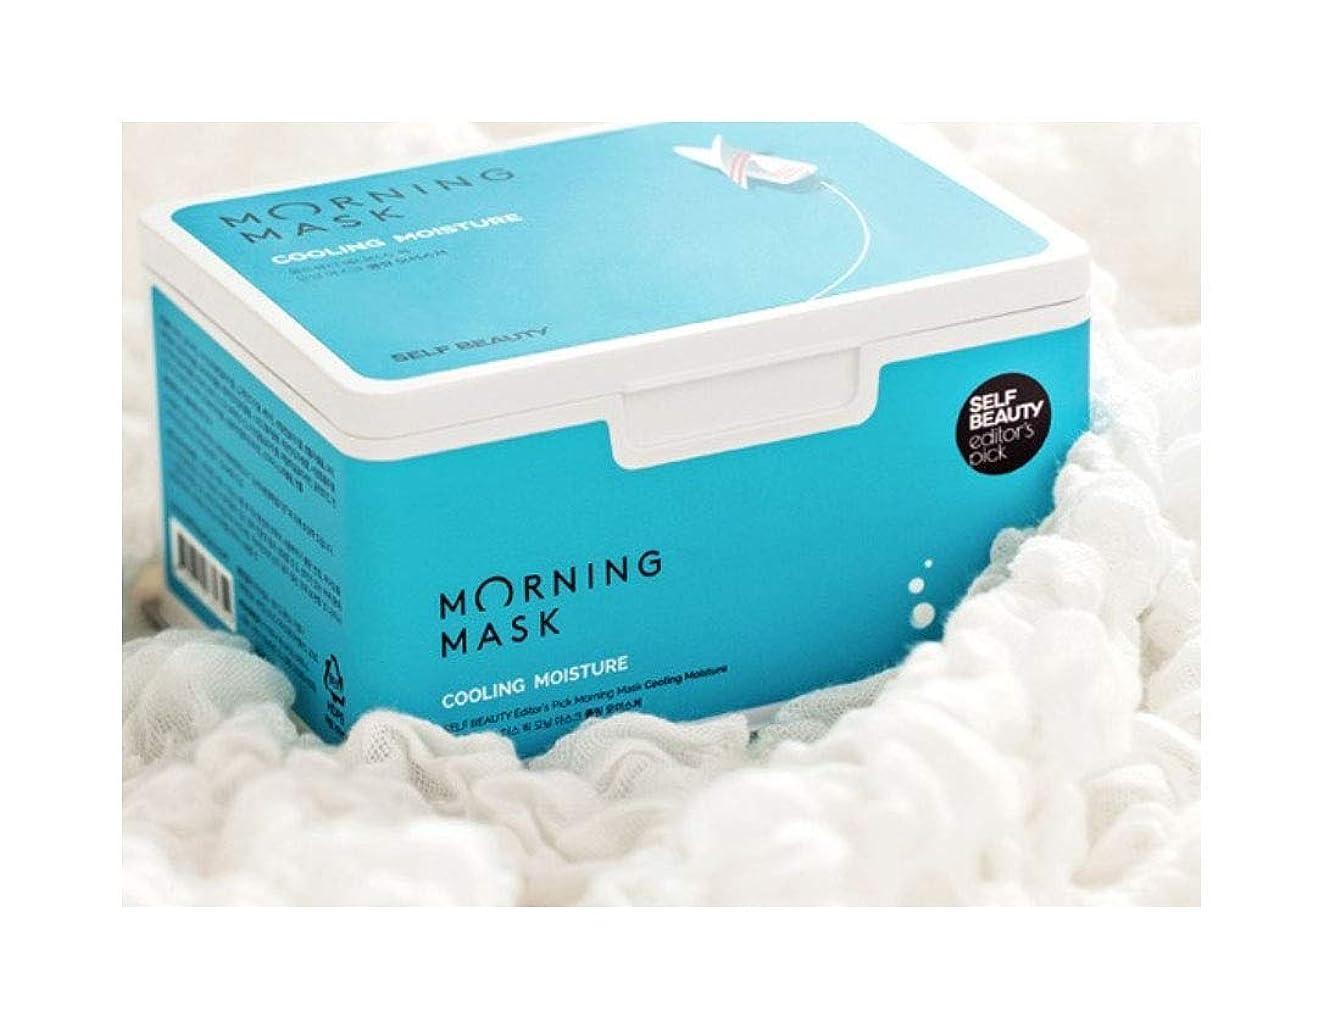 分布鎮痛剤学校教育Self Beauty Morning Mask Cooling Moisture 1Box/30Sheet メイク前モーニングマスク、クーリングパック(海外直送品)